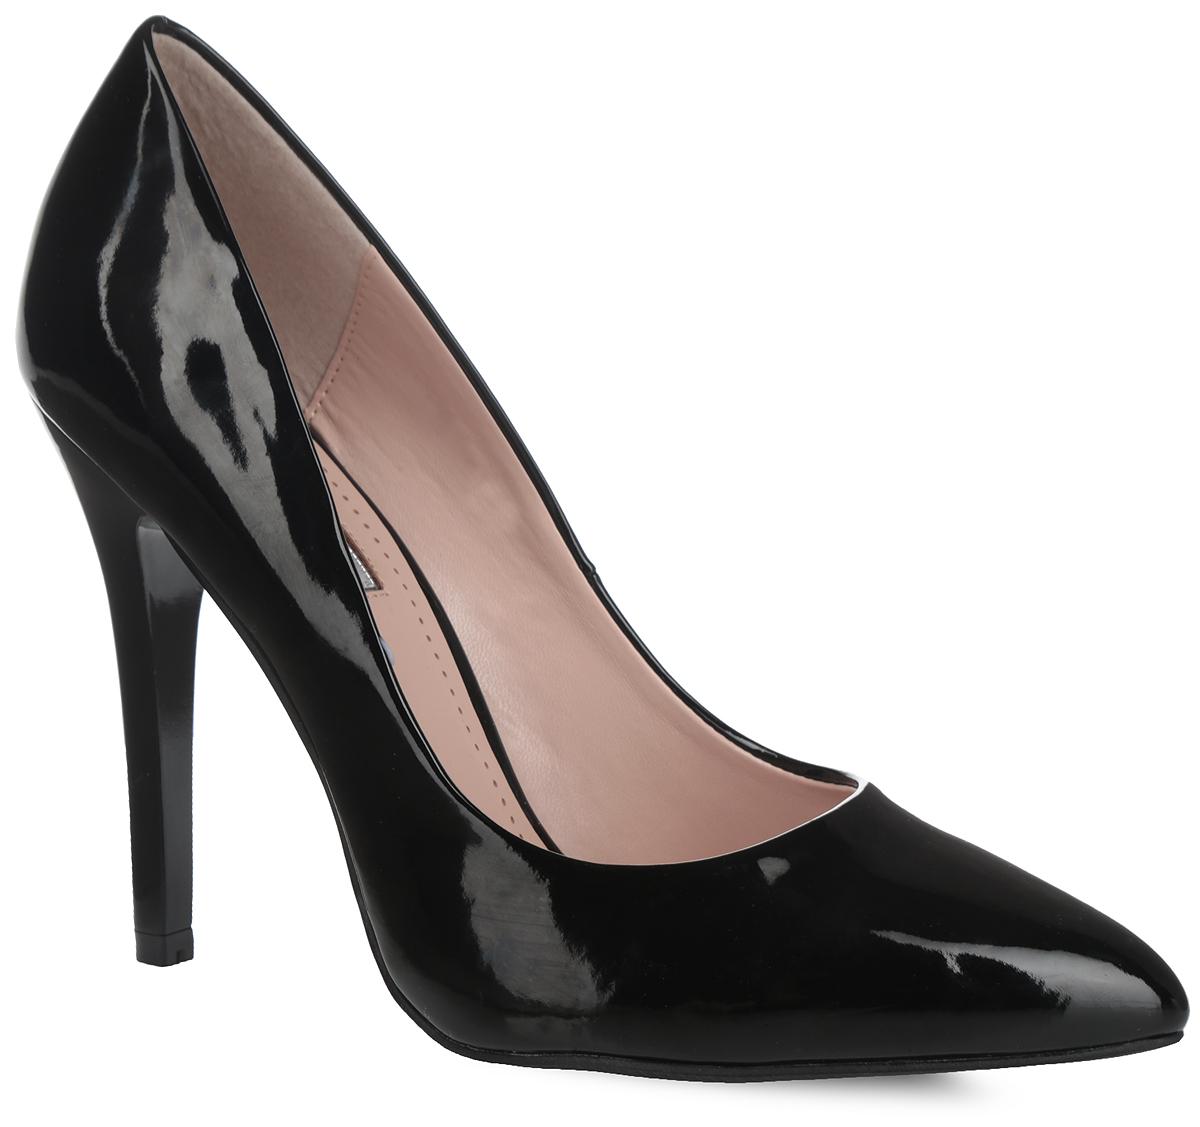 Туфли женские Inario, цвет: черный. 1015-04-1. Размер 391015-04-1Роскошные туфли от Inario покорят вас с первого взгляда! Модель выполнена из искусственной лакированной кожи. Заостренный носок смотрится невероятно женственно. Стелька из искусственной кожи, оформленная названием бренда, по контуру - декоративной перфорацией, комфортна при ходьбе. Высокий каблук устойчив. Рифление на подошве и на каблуке гарантирует идеальное сцепление с любой поверхностью. Элегантные туфли займут достойное место в вашем гардеробе.